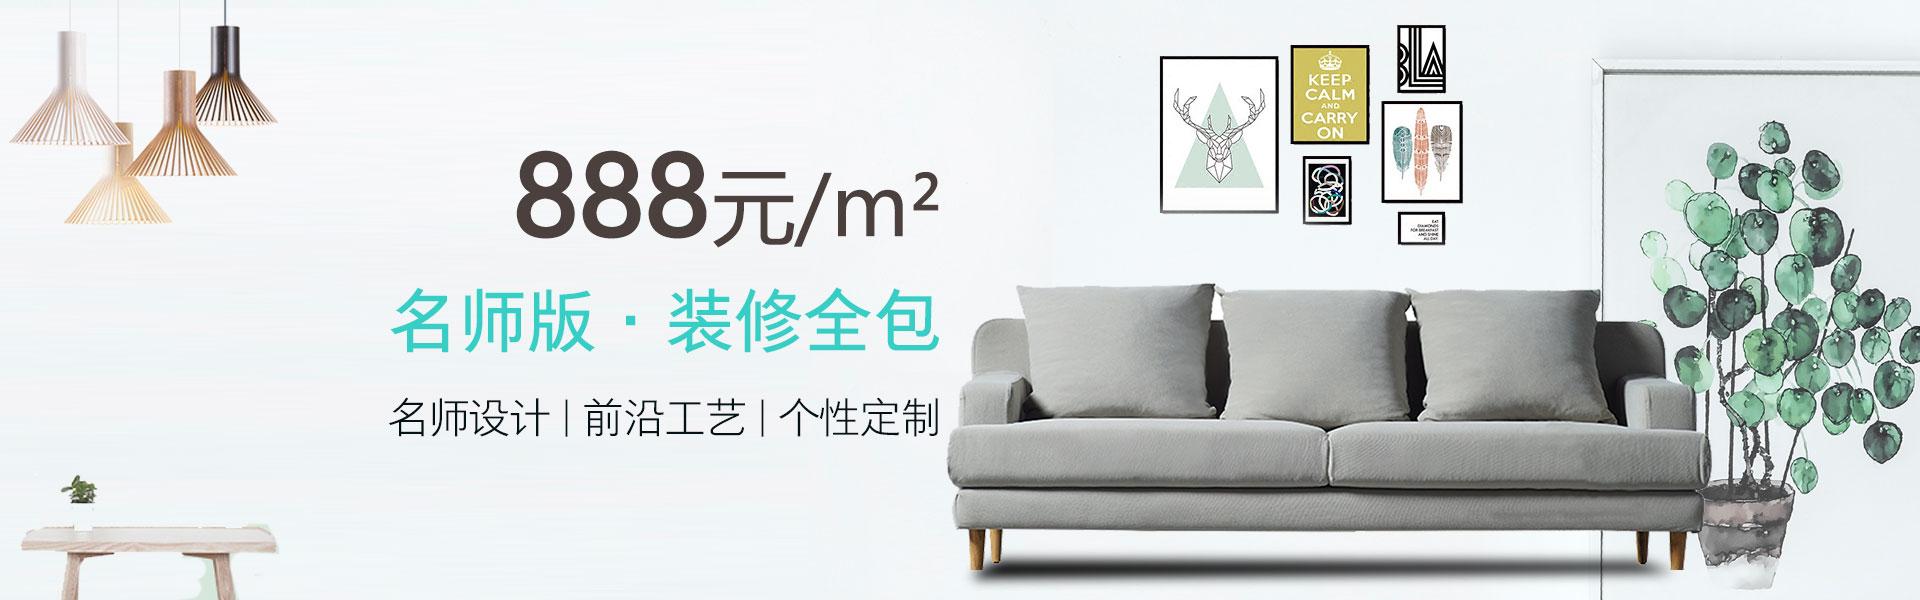 2019名师版888装修全包套餐